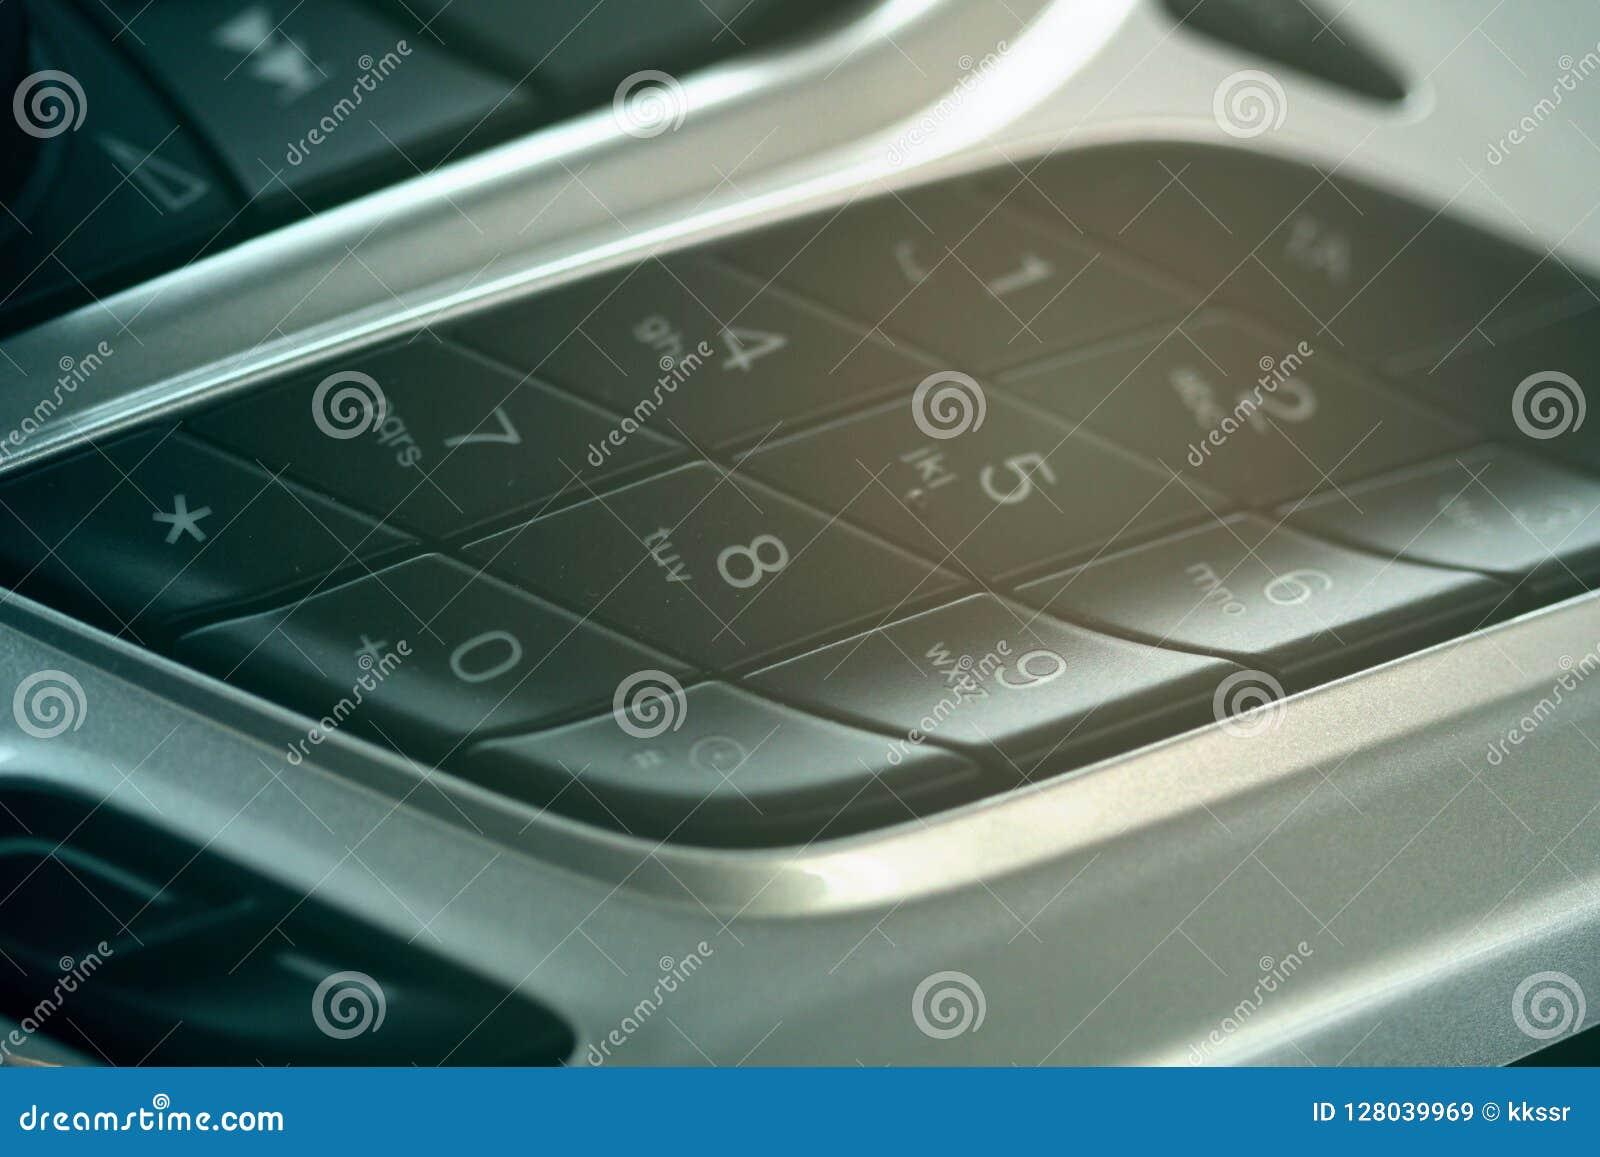 汽车仪表板在音频控制旁边的拨号盘垫按